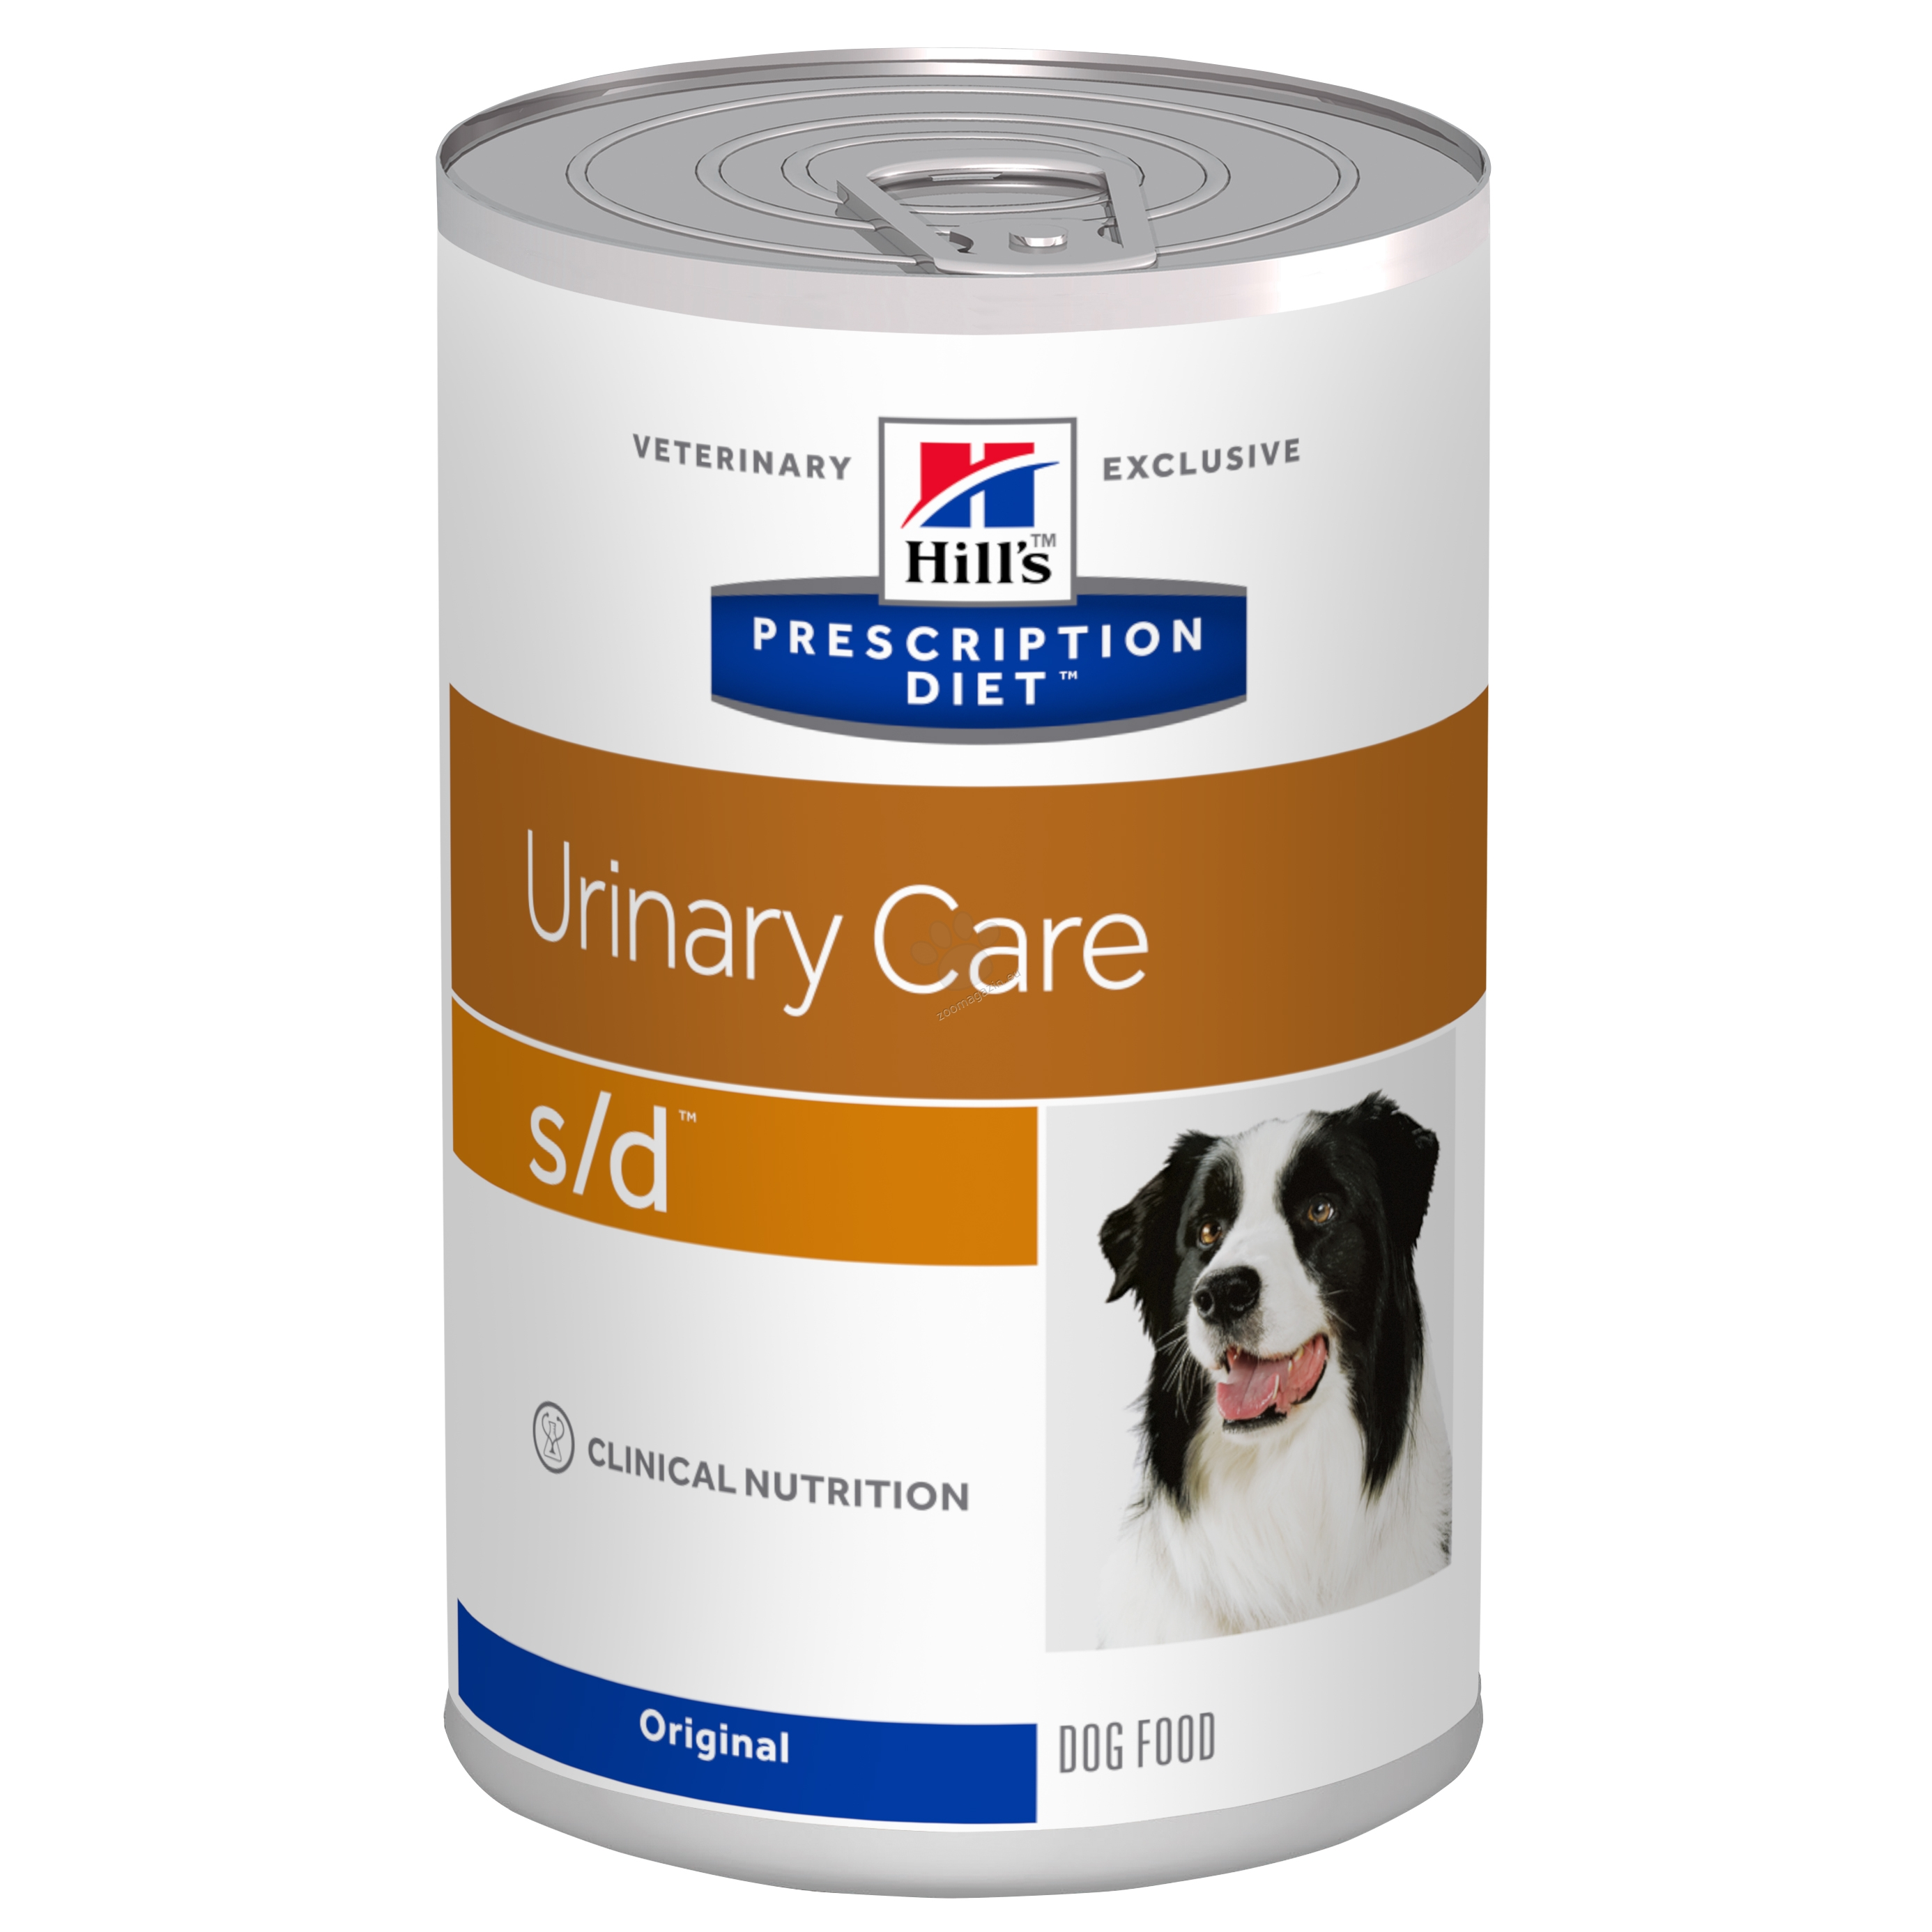 Hills Prescription Diet s/d Canine - диета за кучета за бързо разтваряне на струвитни камъни (до 7 дни) 370 гр.